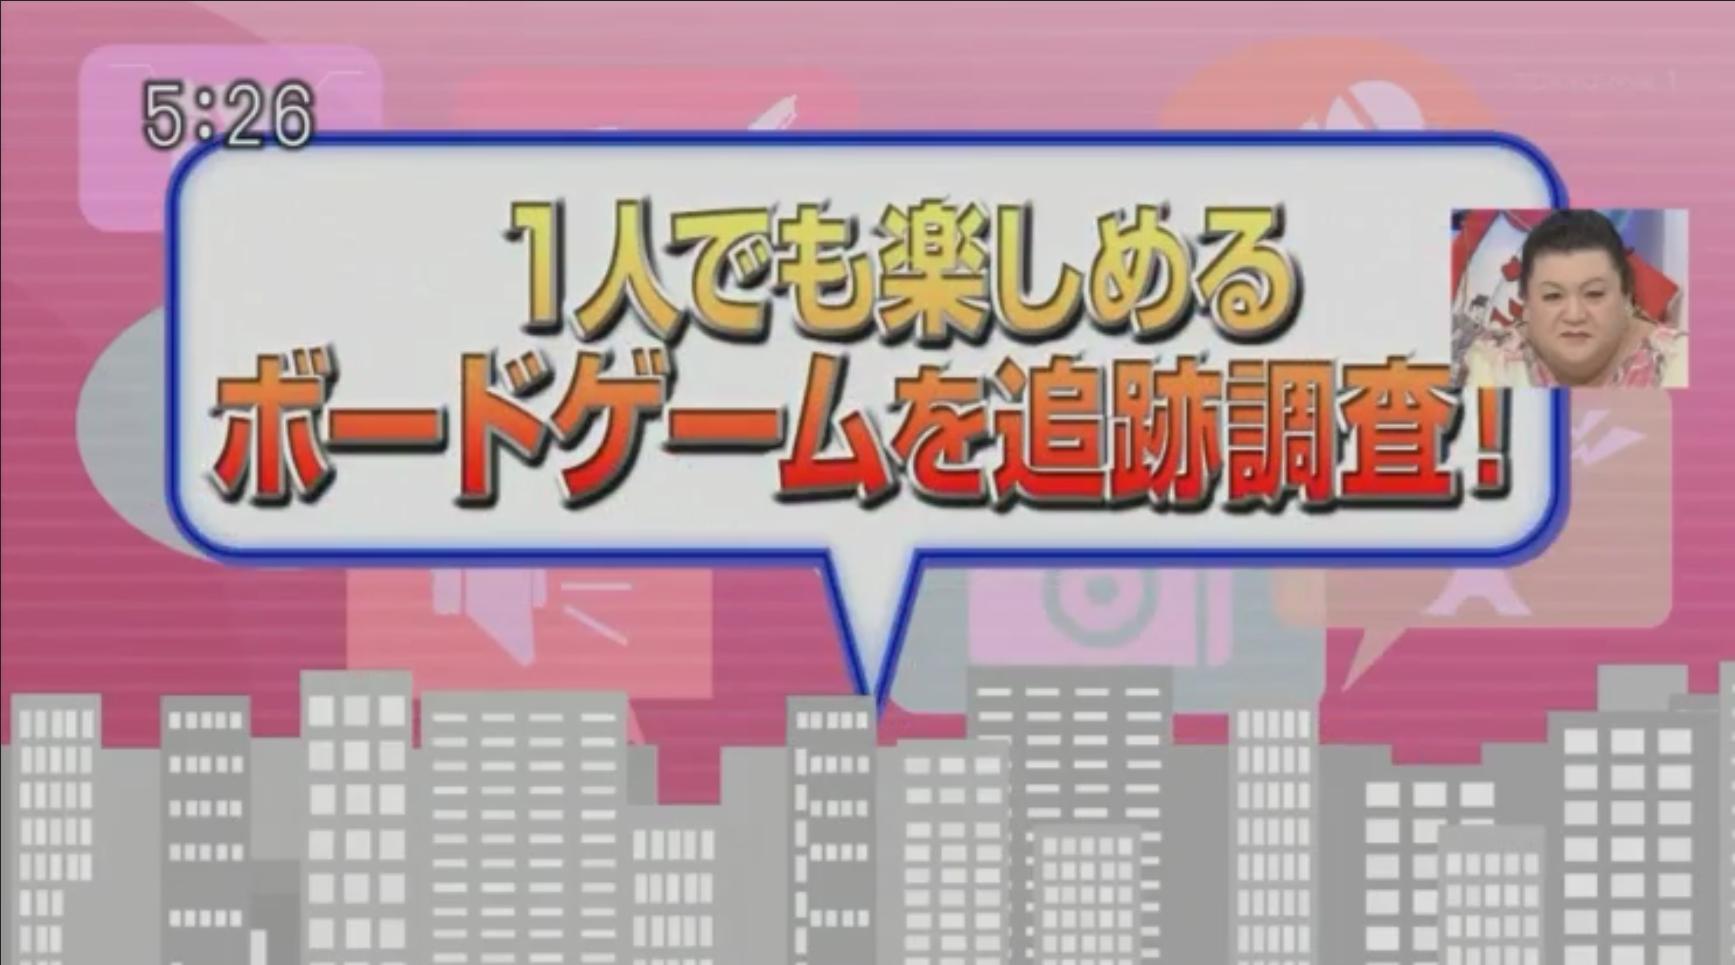 『5時に夢中!』で紹介されたボードゲーム